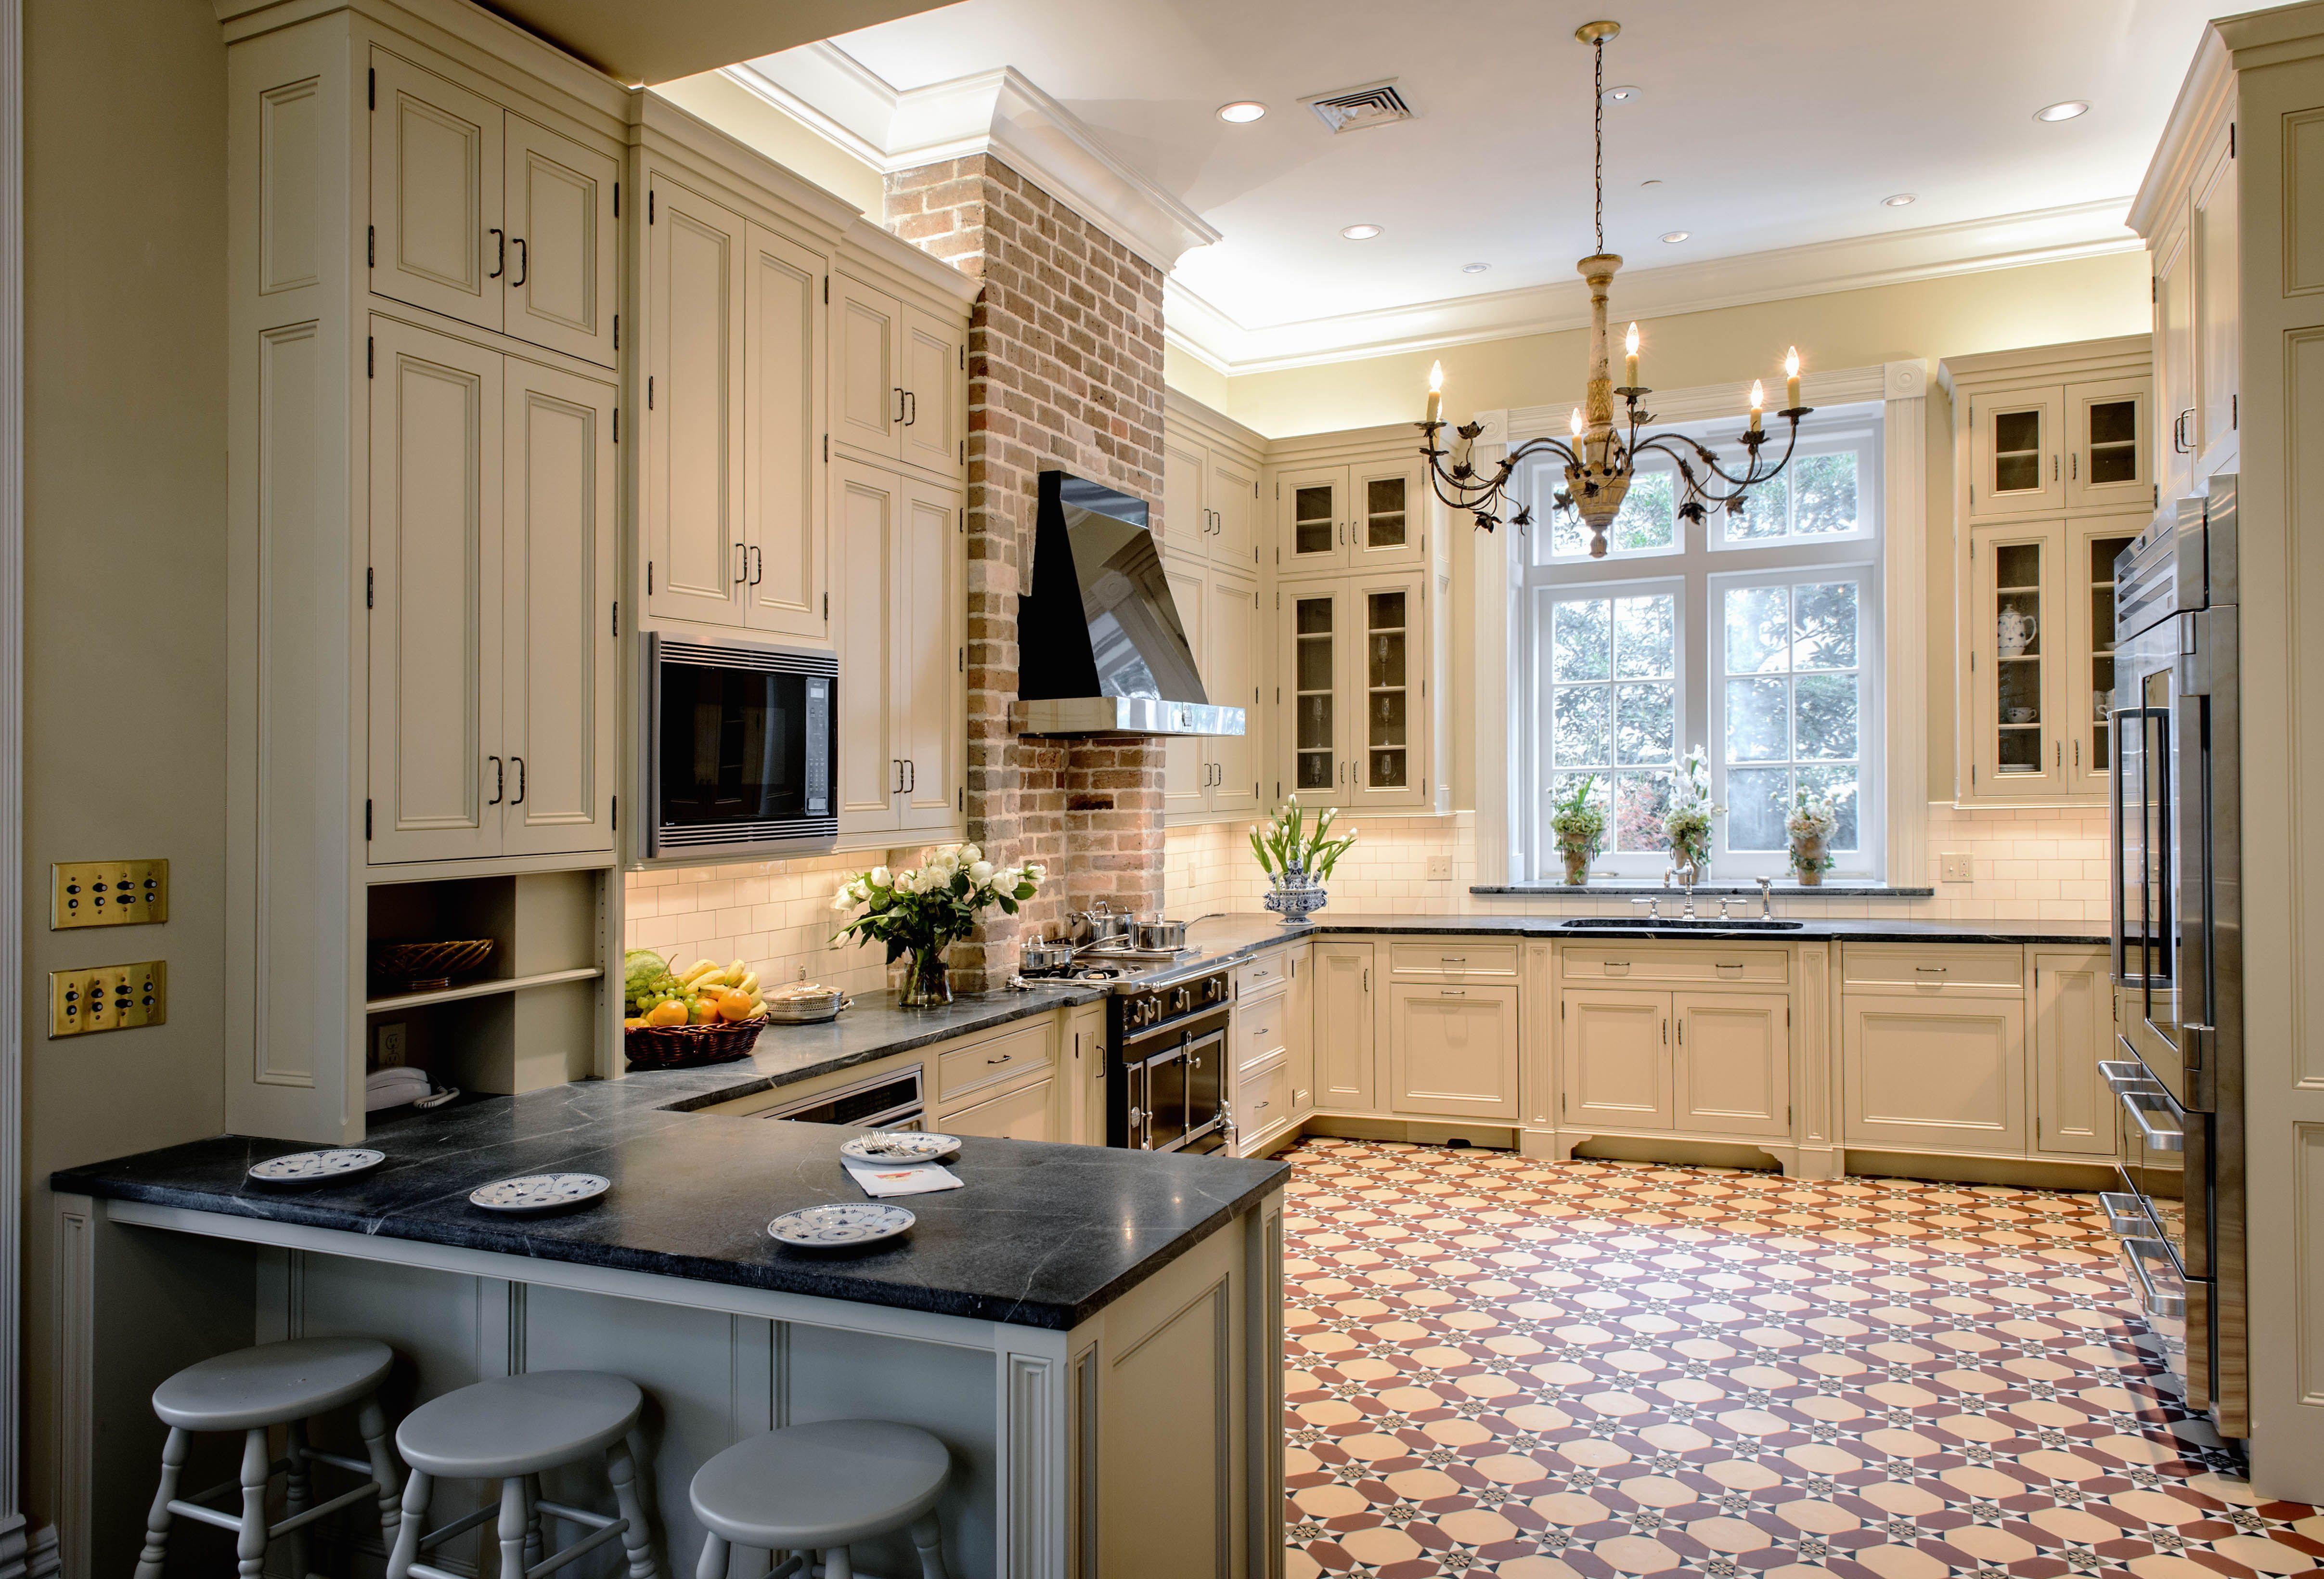 new orleans garden district kitchen - Google Search ...